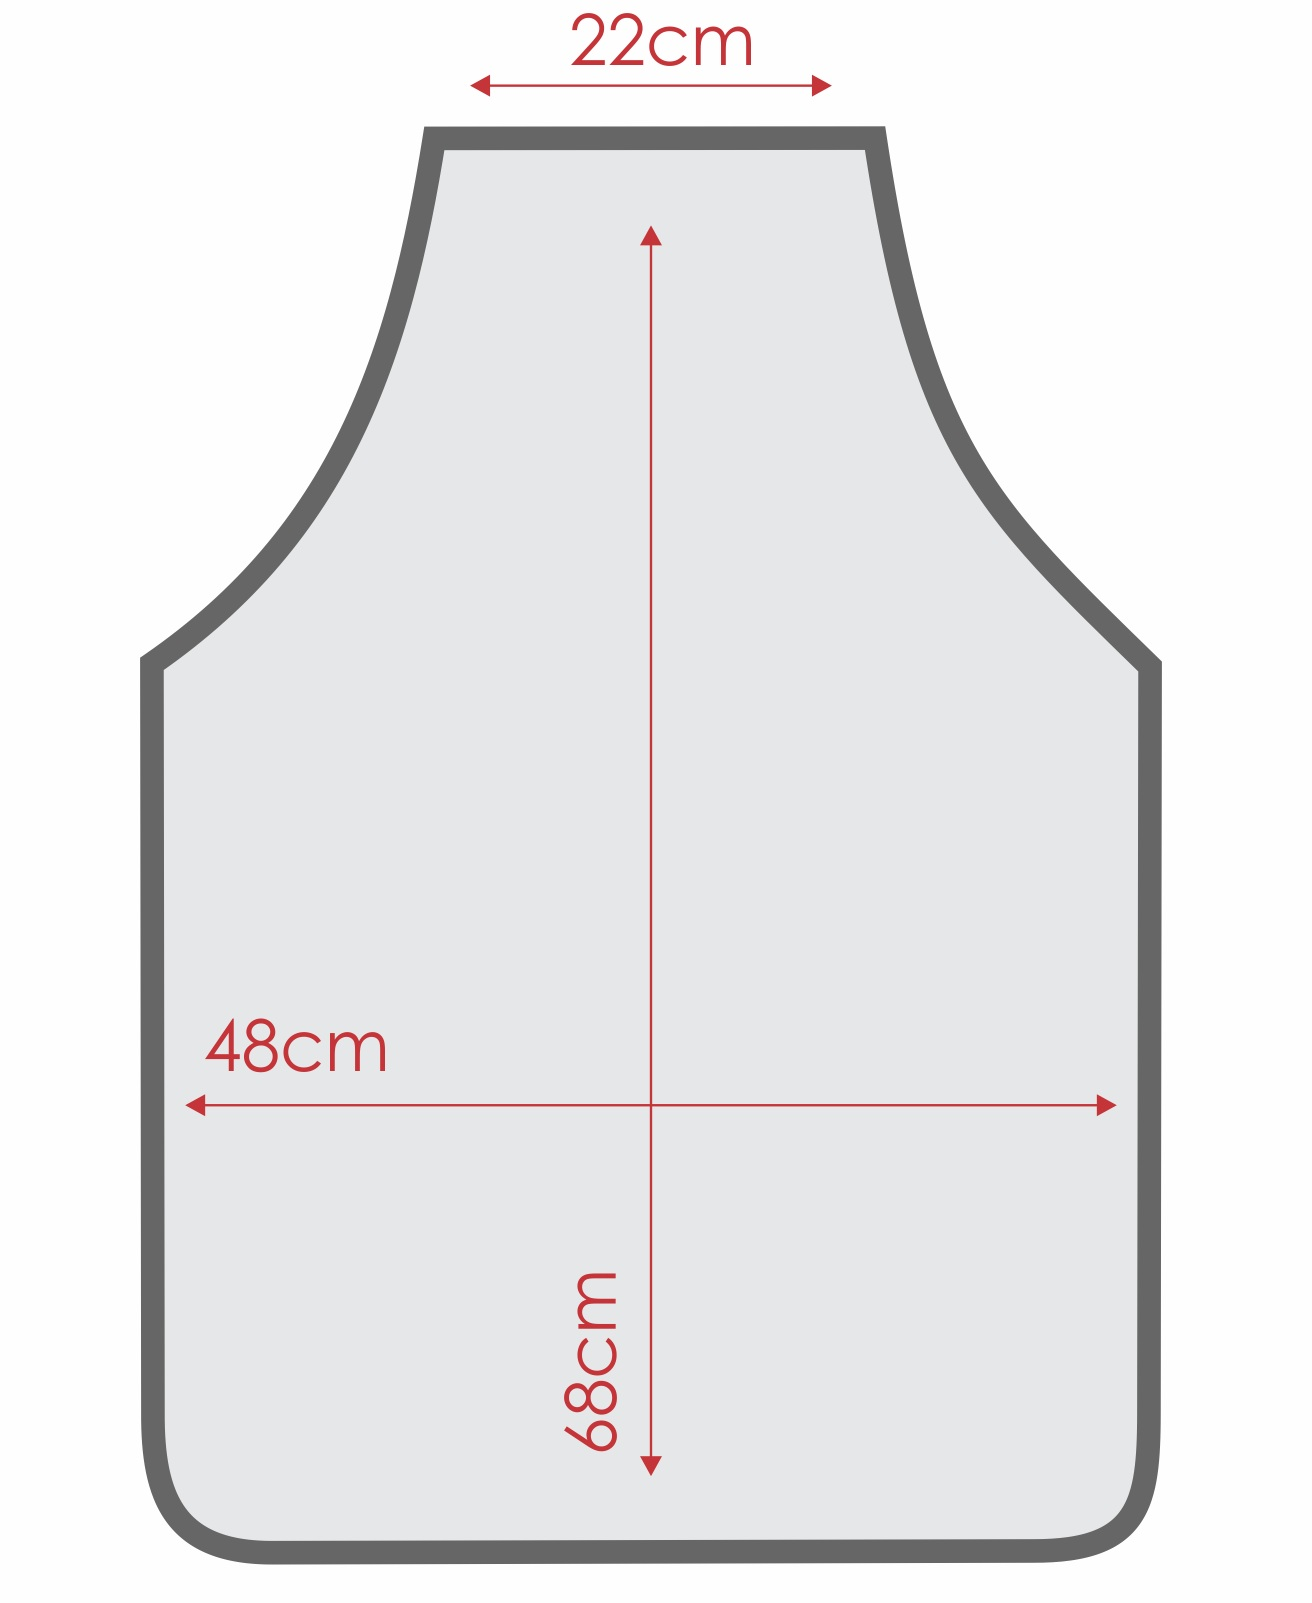 Avental De Cozinha Plastificado Marrom Outono   - RECANTO DA COSTURA